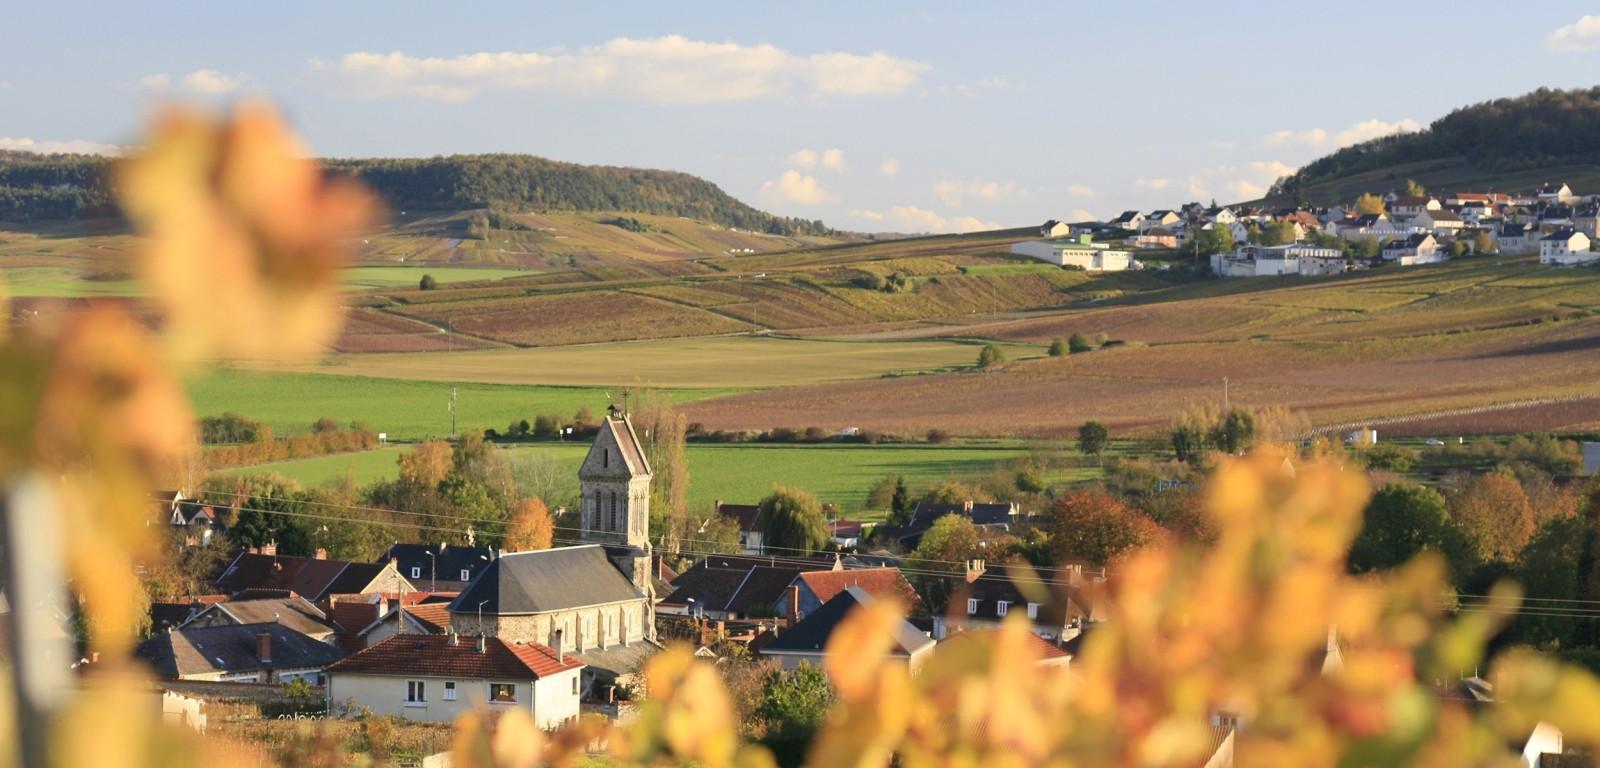 MOUSSY - photo du village